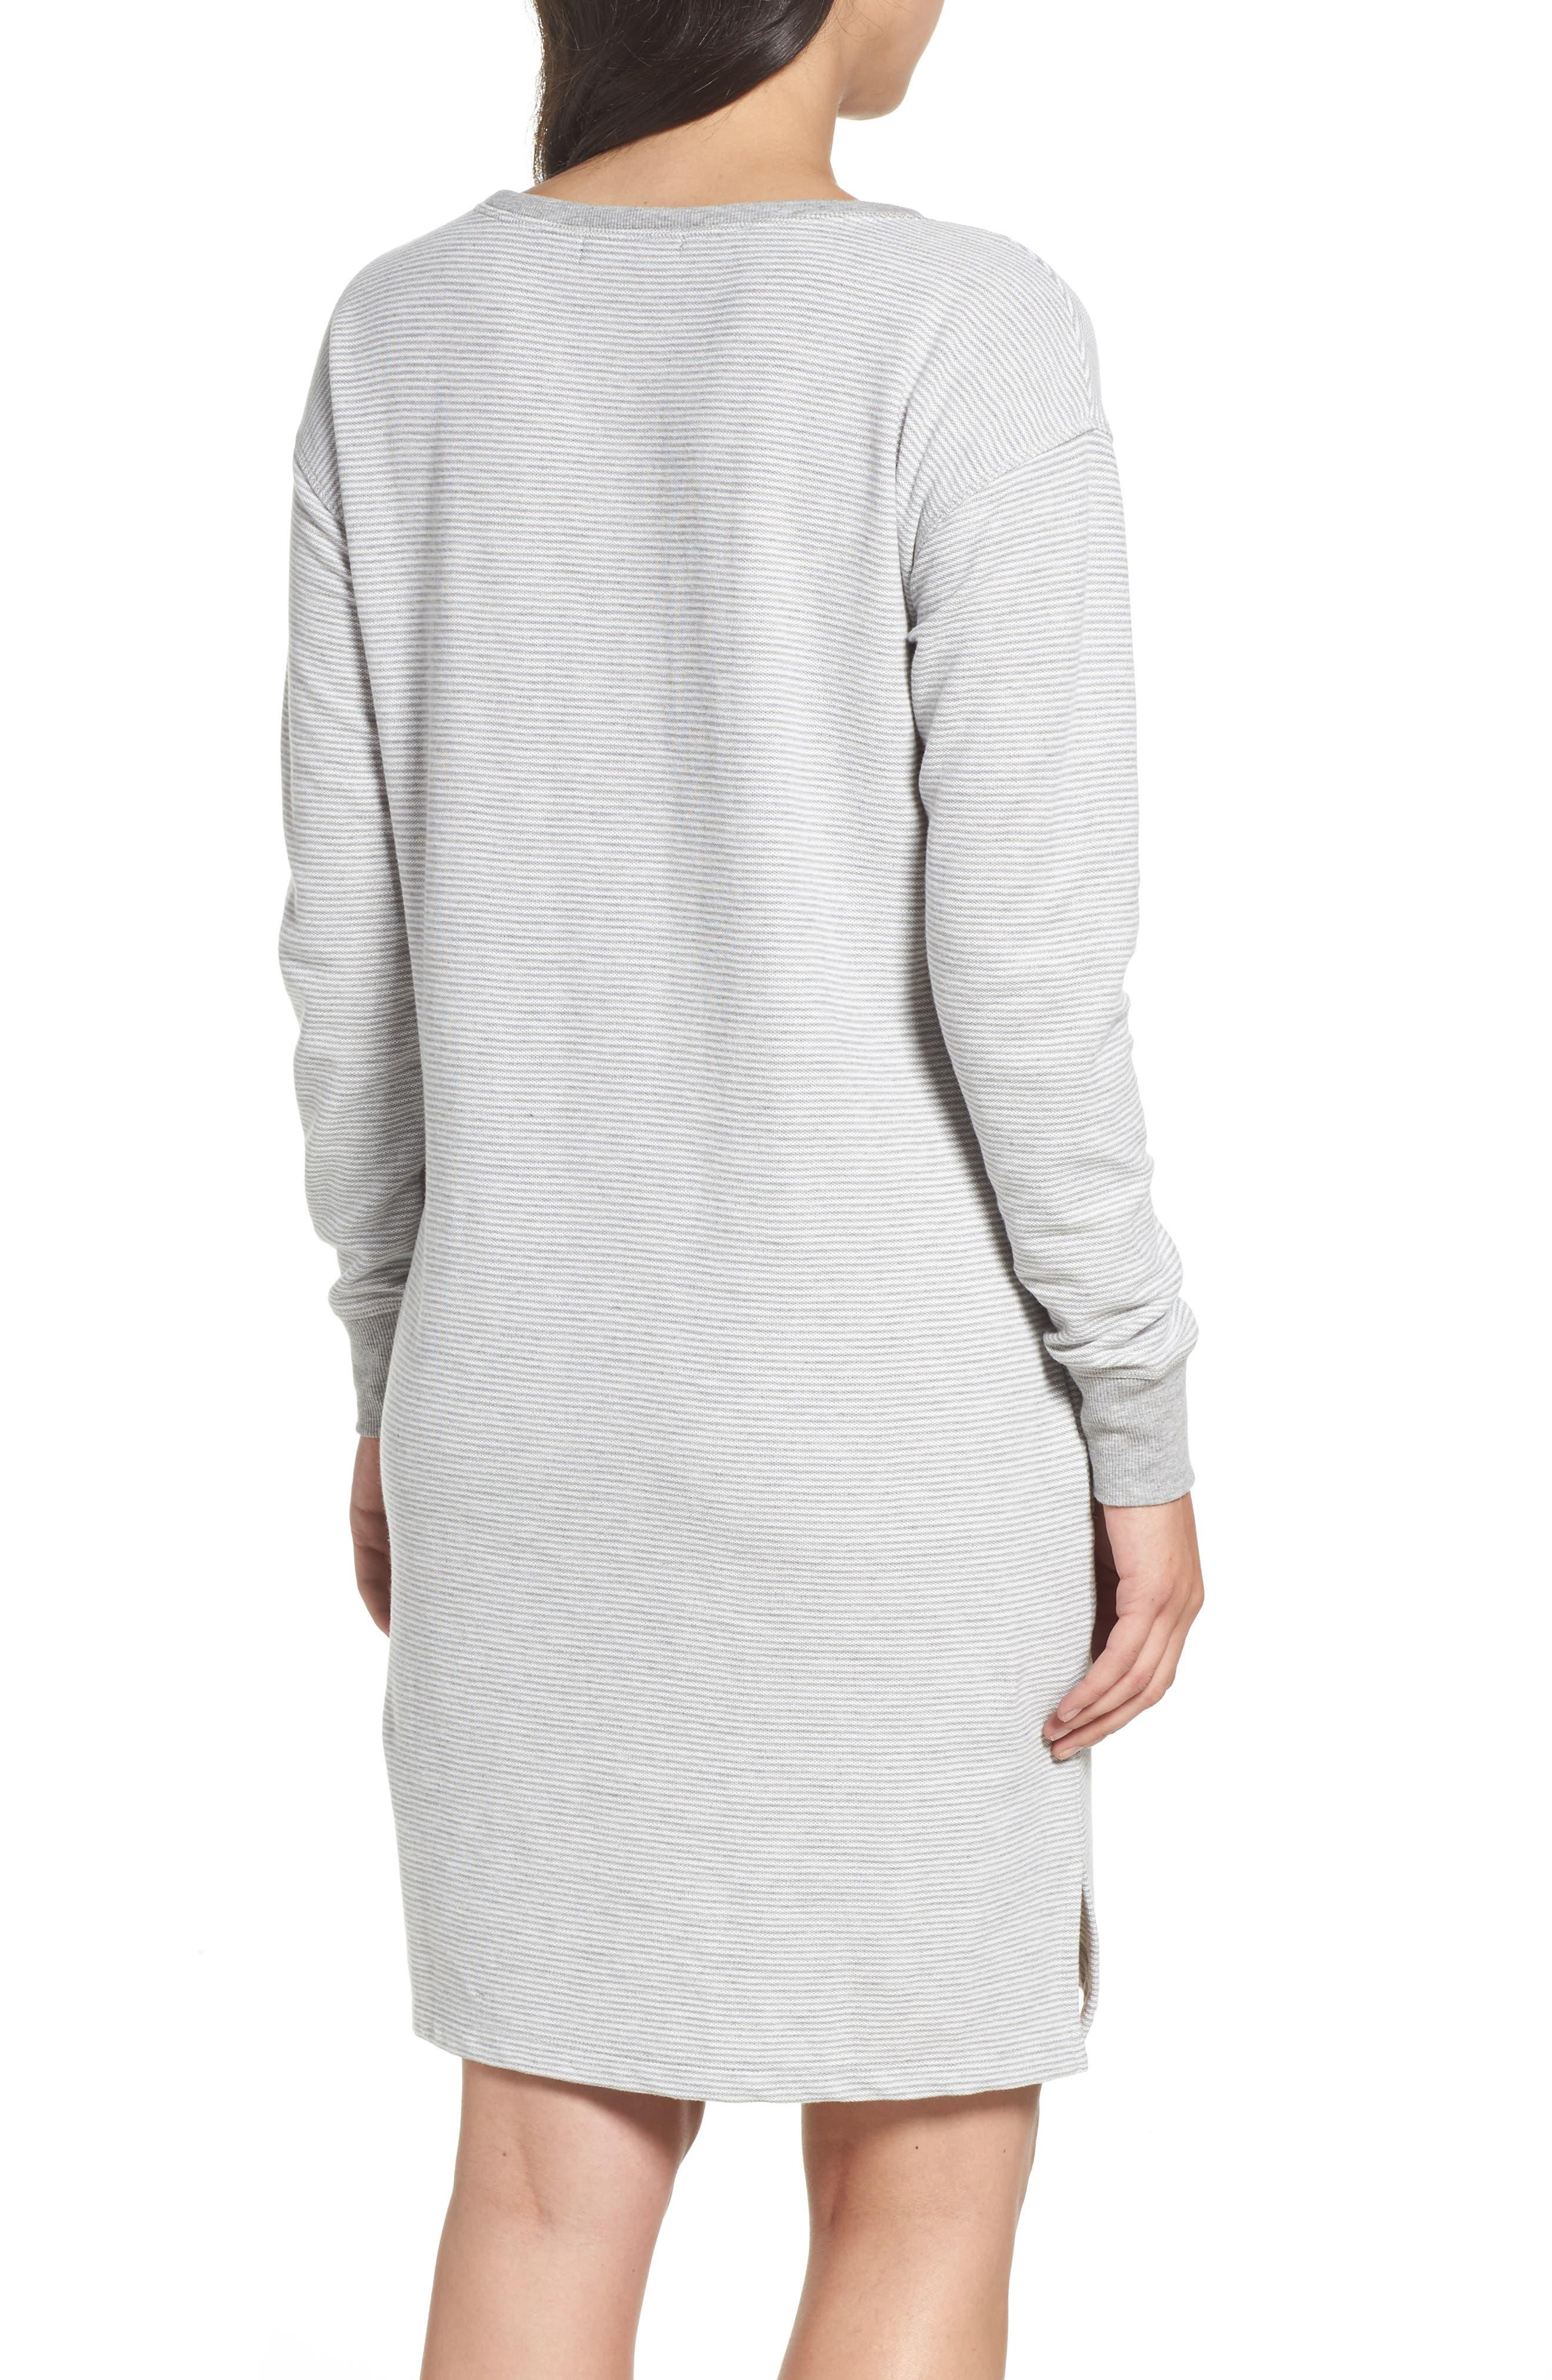 Alternate Image 2  - Lauren Ralph Lauren Longline Lounge Sweatshirt